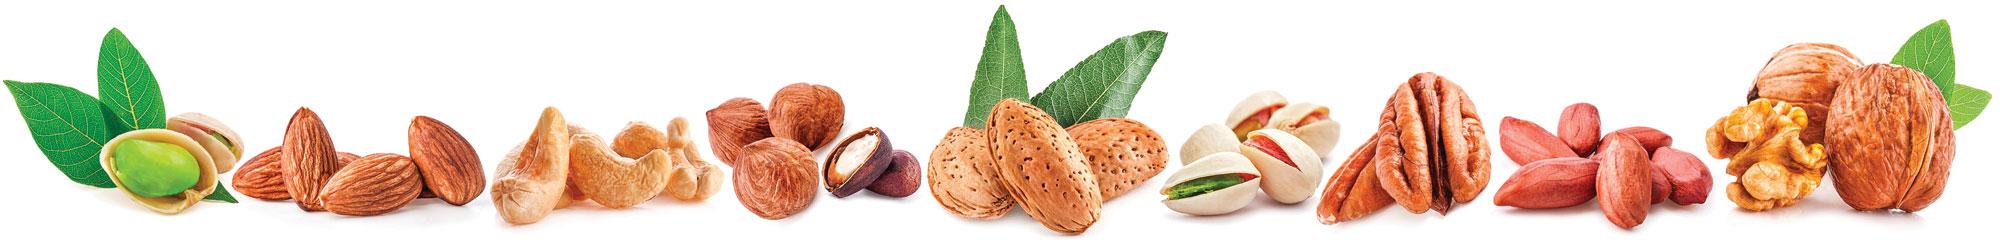 每天適量吃堅果,有助降低癌症發生率。(shutterstock)